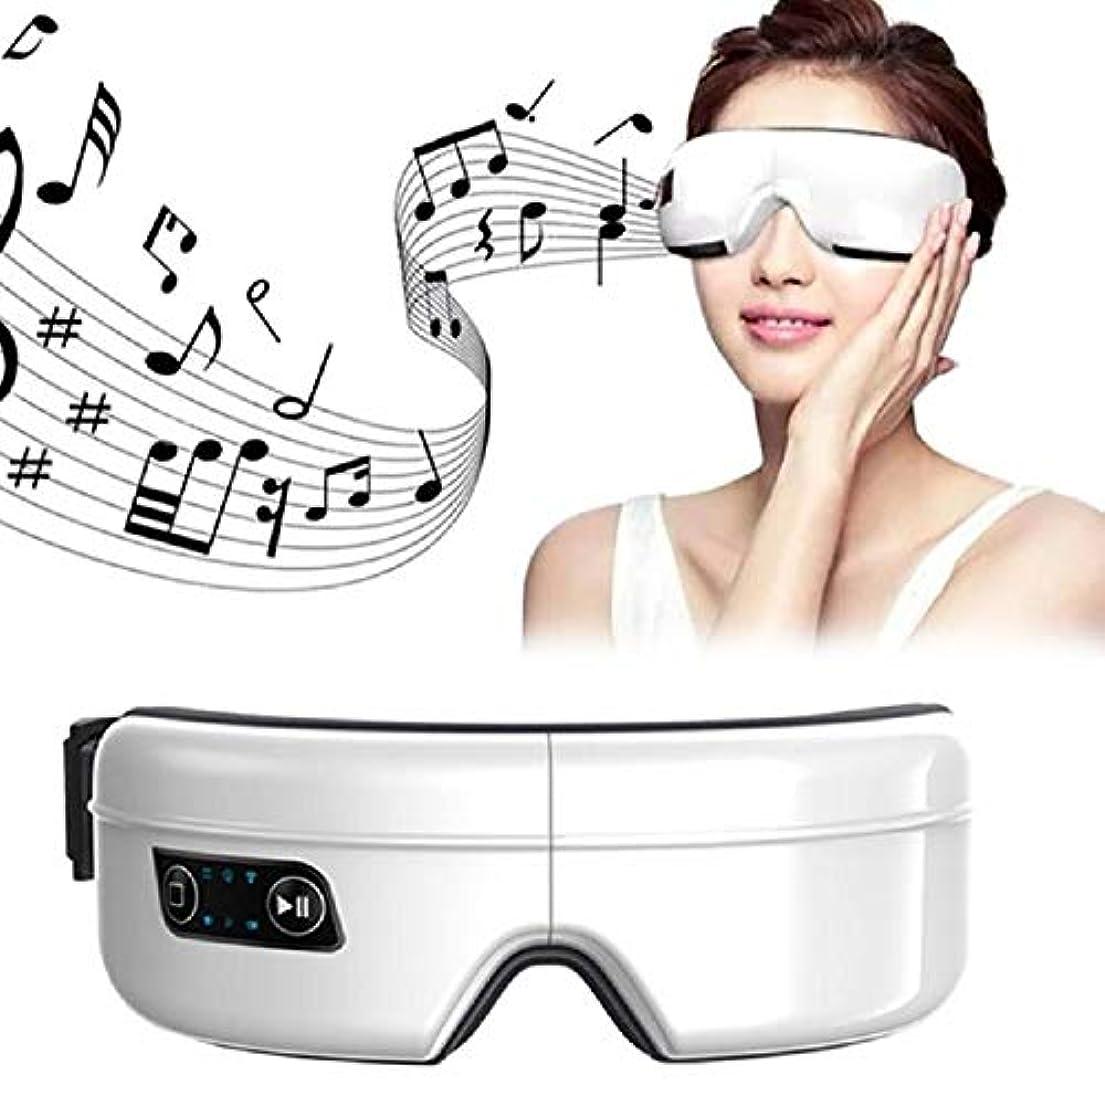 のために大惨事悲観主義者Meet now 高度な電気ワイヤレスアイマッサージSPAの楽器、音楽充電式美容ツール 品質保証